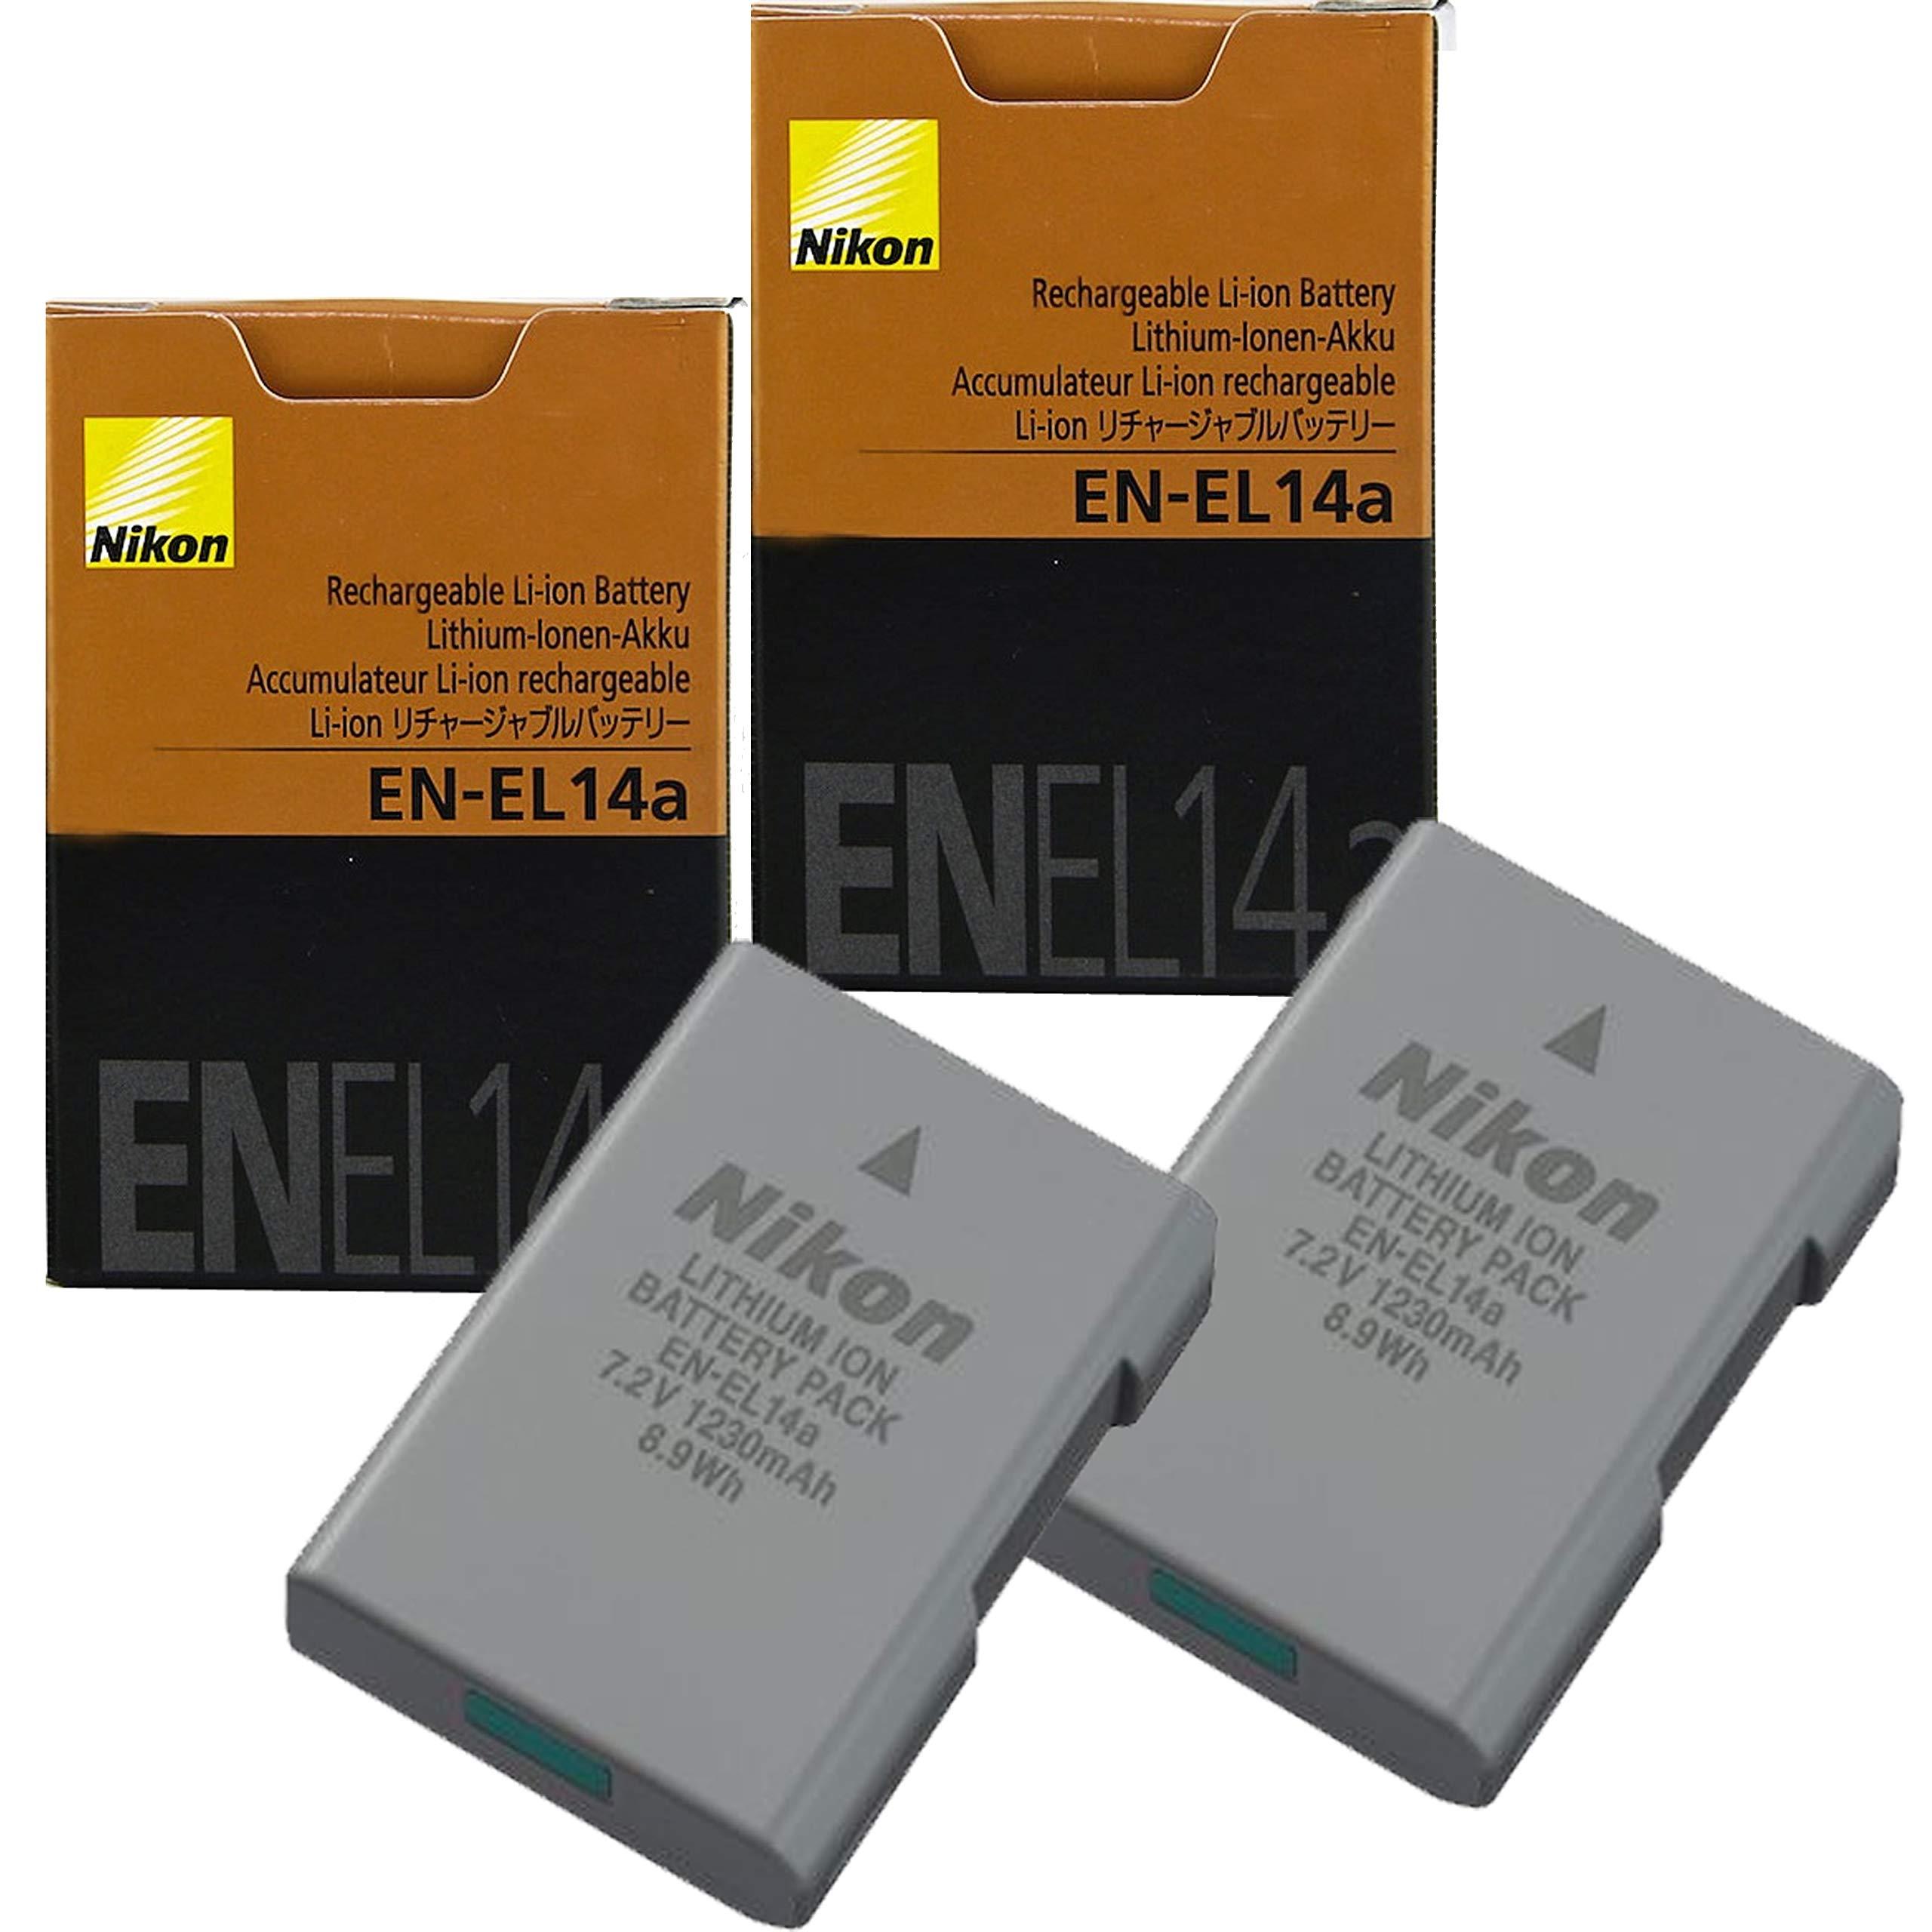 2-Pack NikonEN-EL14A Rechargeable Li-Ion Battery for Nikon D3100, D3200, D3300, D3400,D3500,D5200, D5300, D5500, D5600